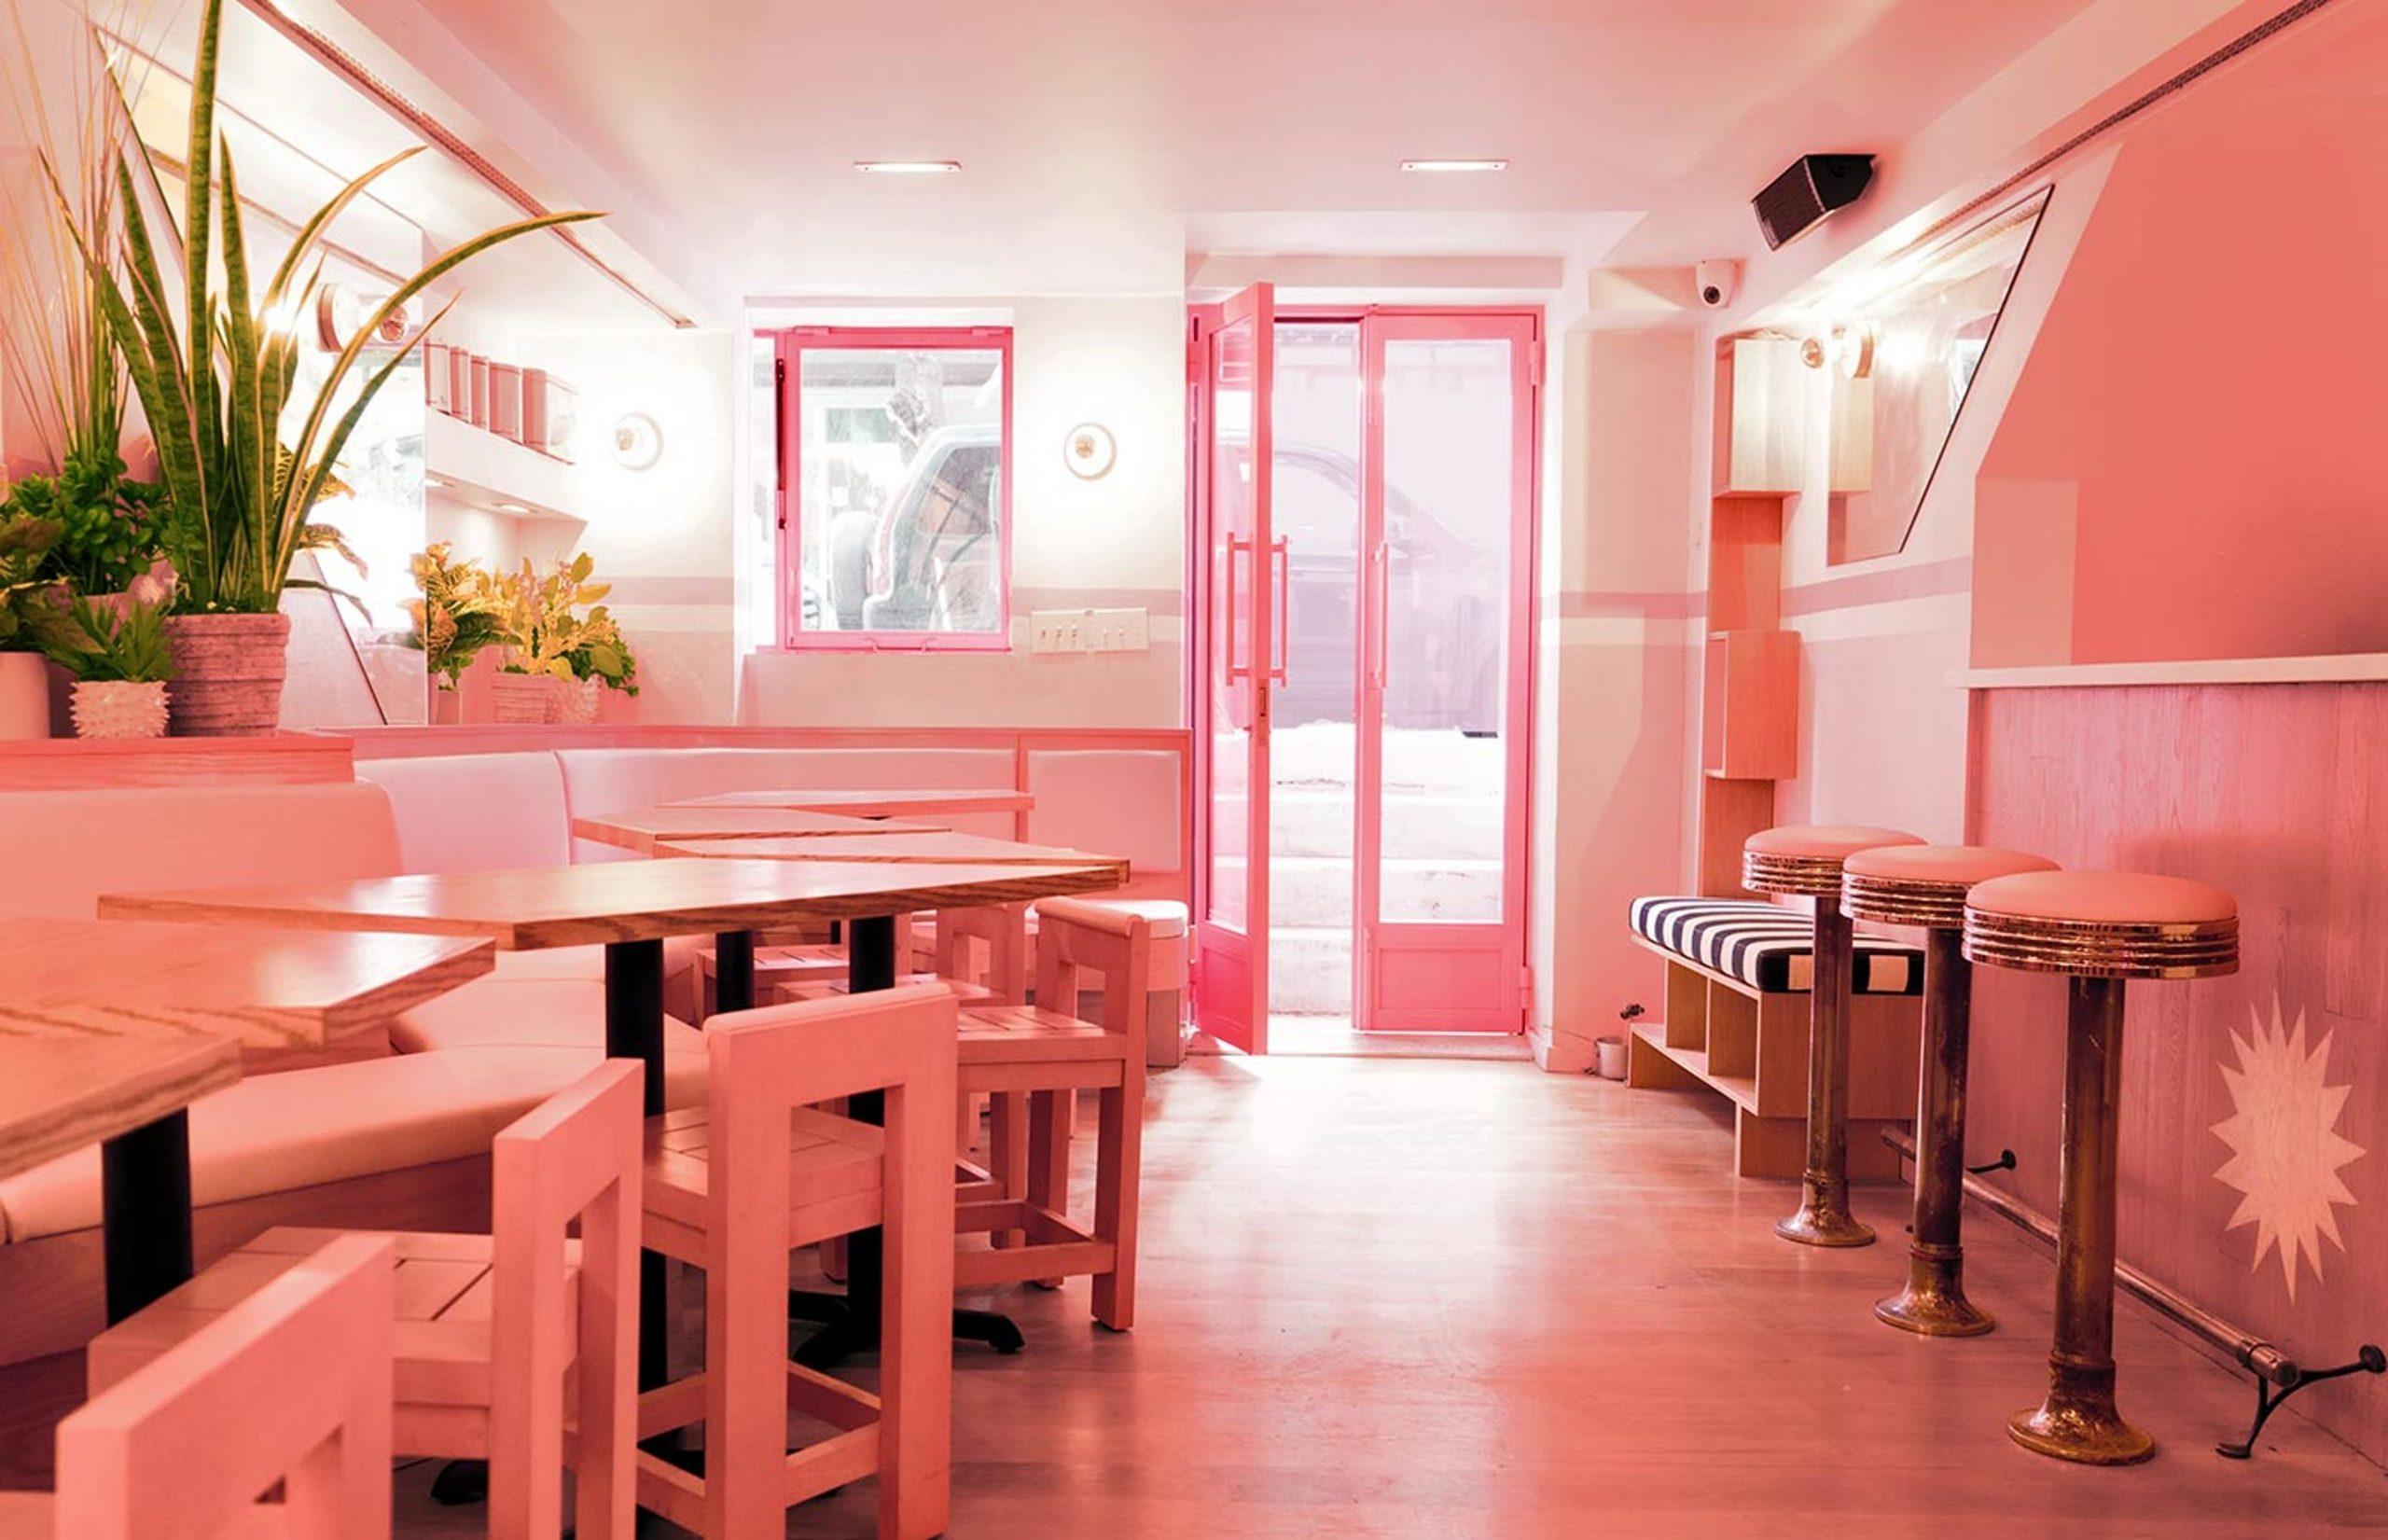 آموزش طراحی داخلی قسمت ششم (تاثیر رنگ ها در طراحی رستوران ها) 6